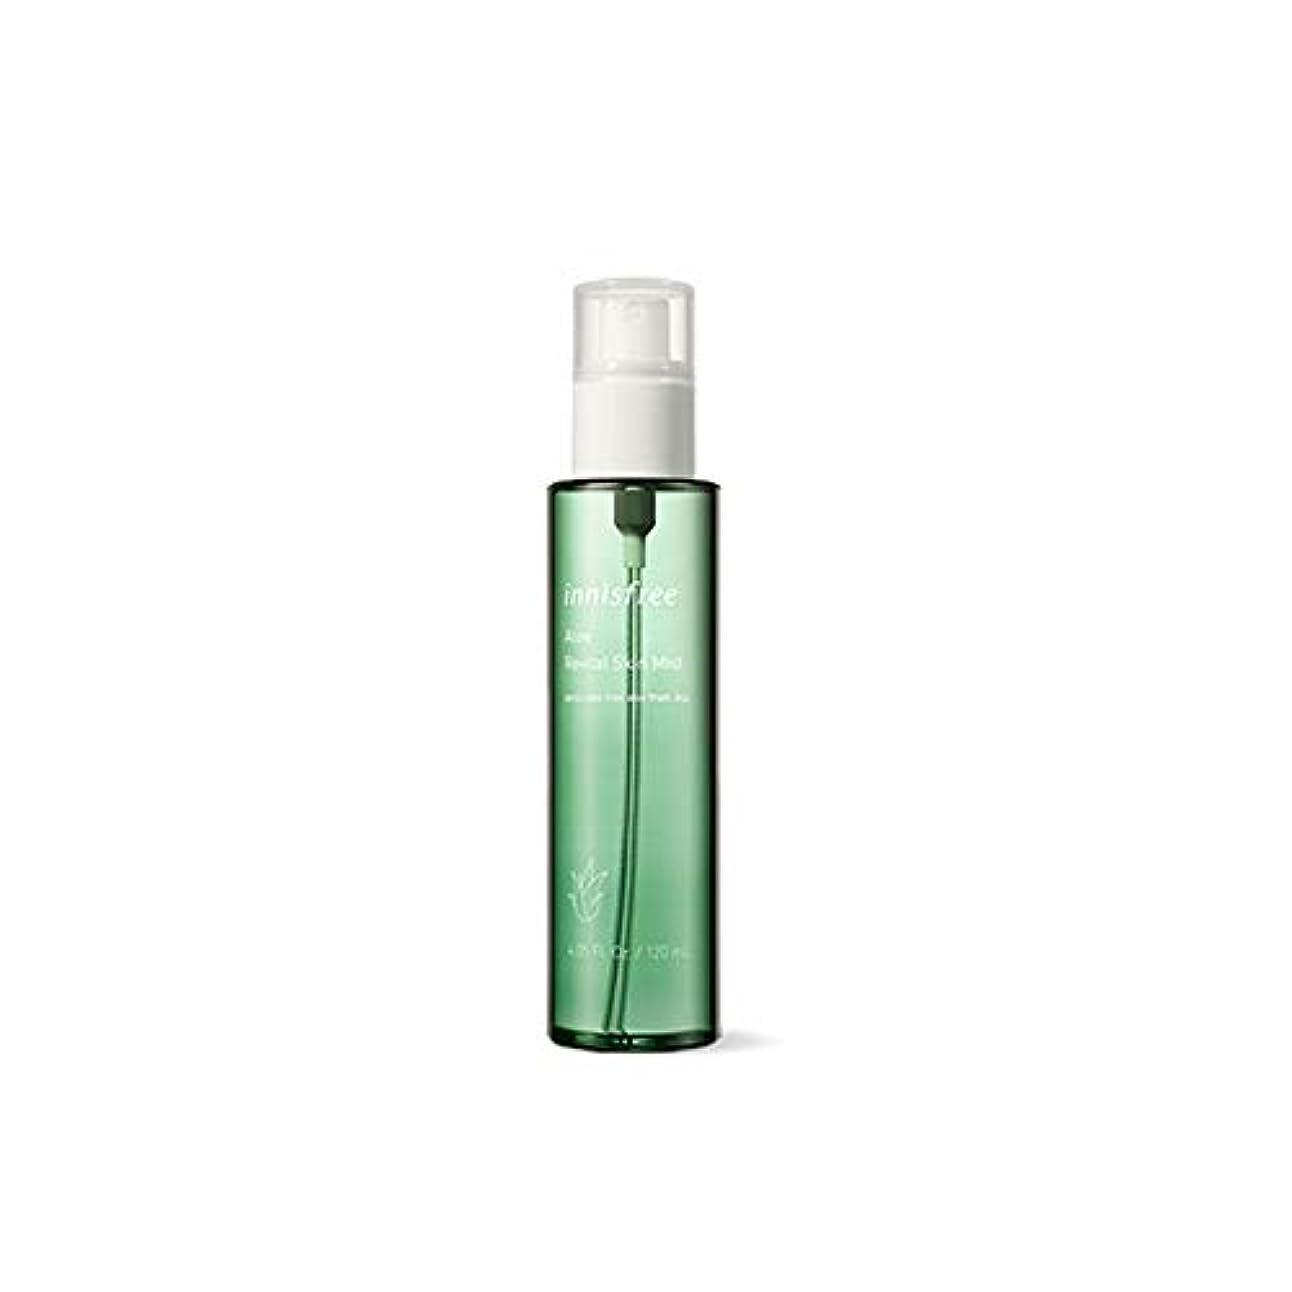 探すポルトガル語売るイニスフリー Innisfree アロエ リバイタル スキンミスト(120ml)2015.6. Innisfree Aloe Revital Skin Mist(120ml) [海外直送品]